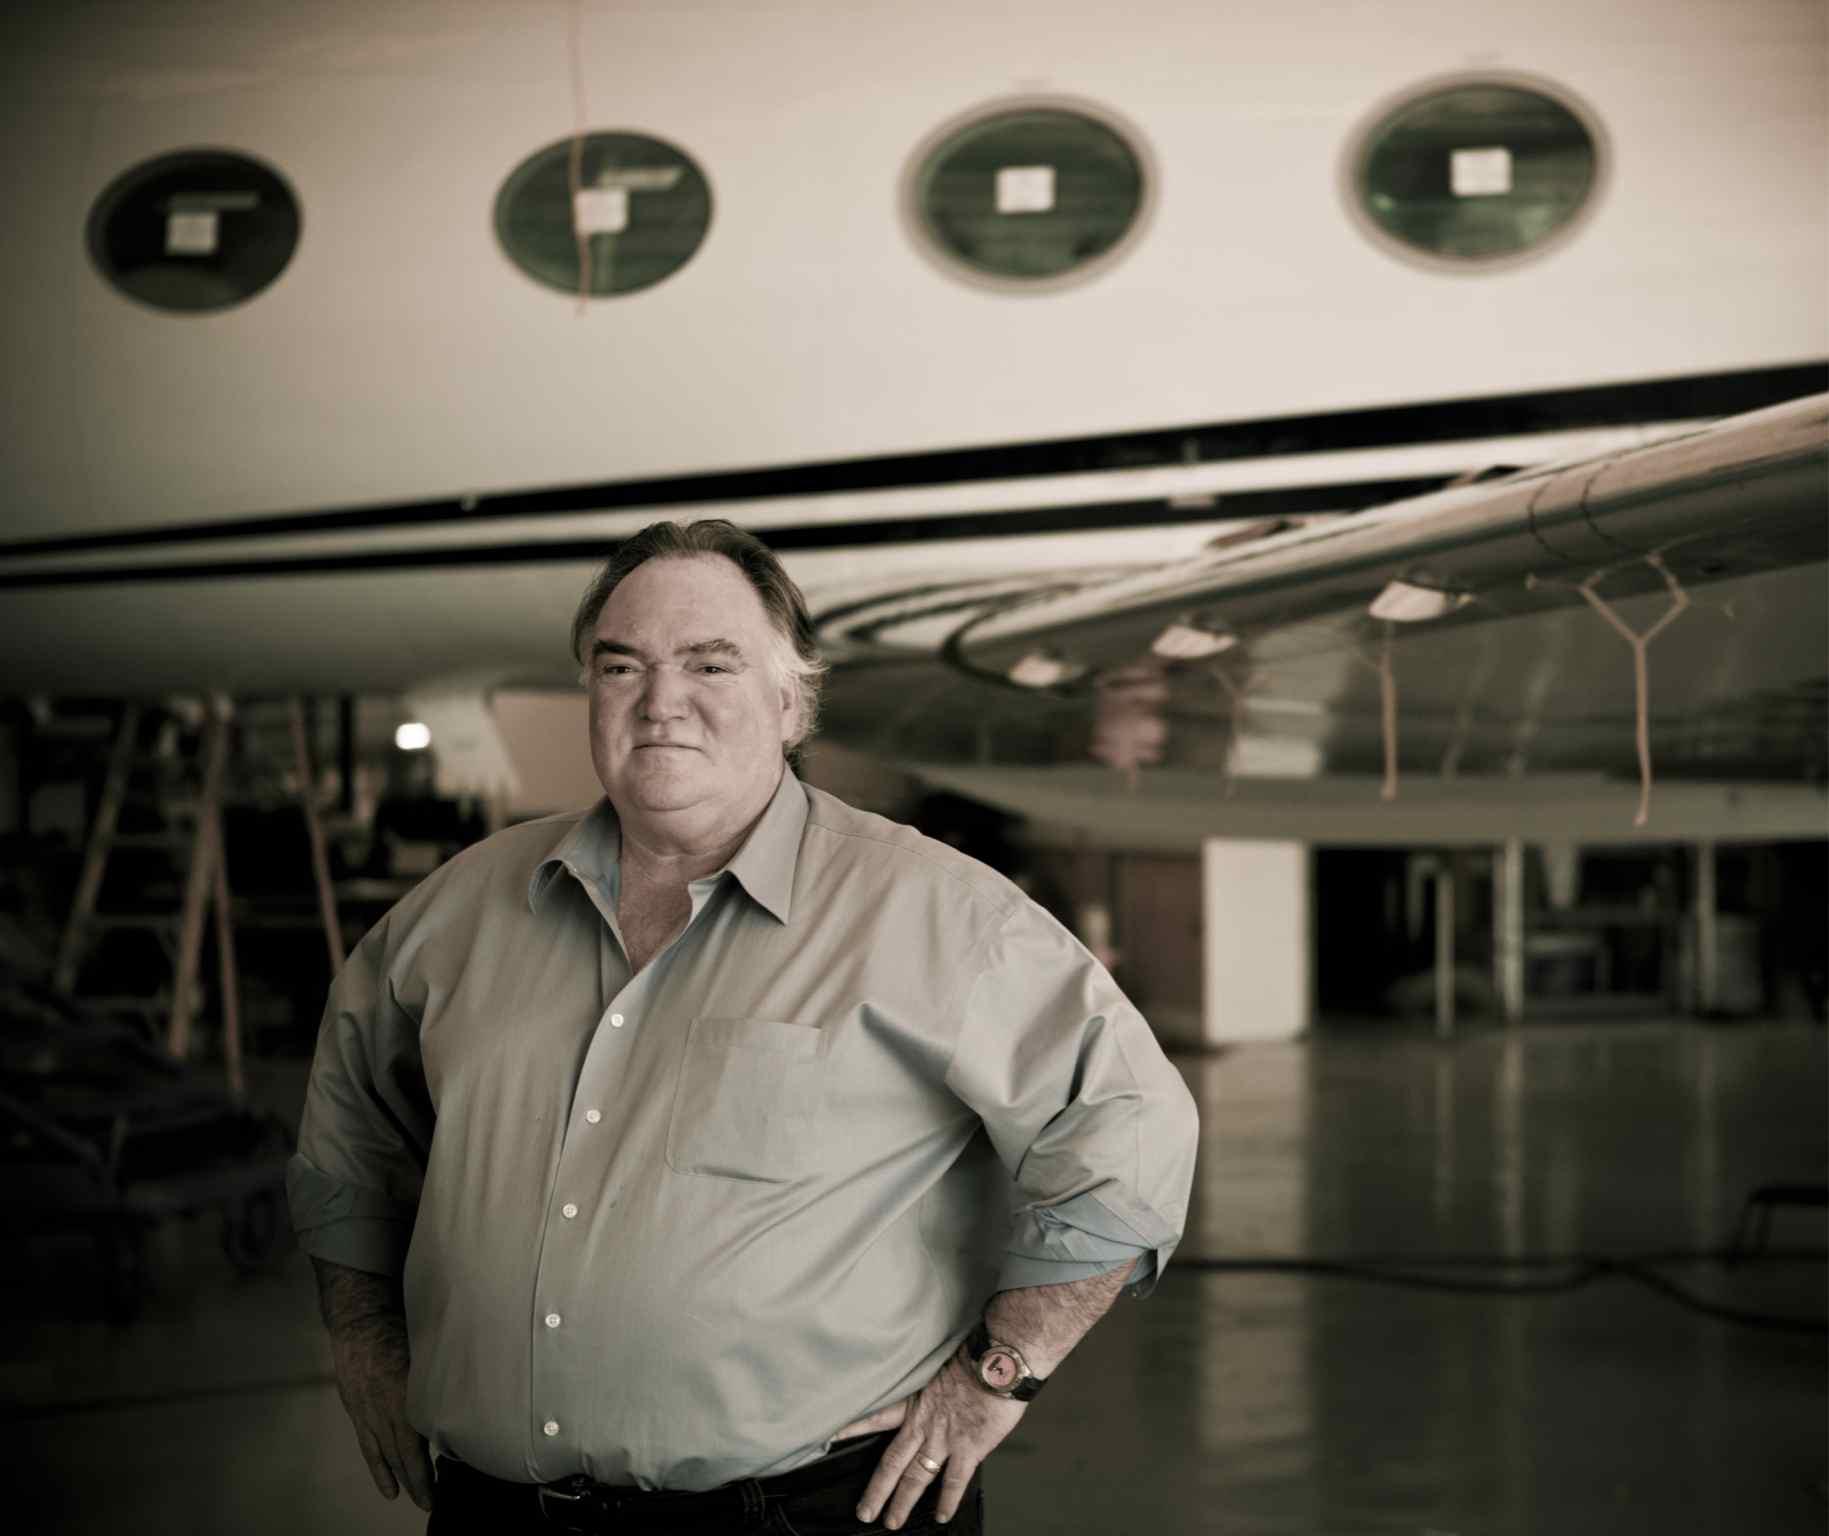 Robert Roig - Owner of Jet Endeavour Trading